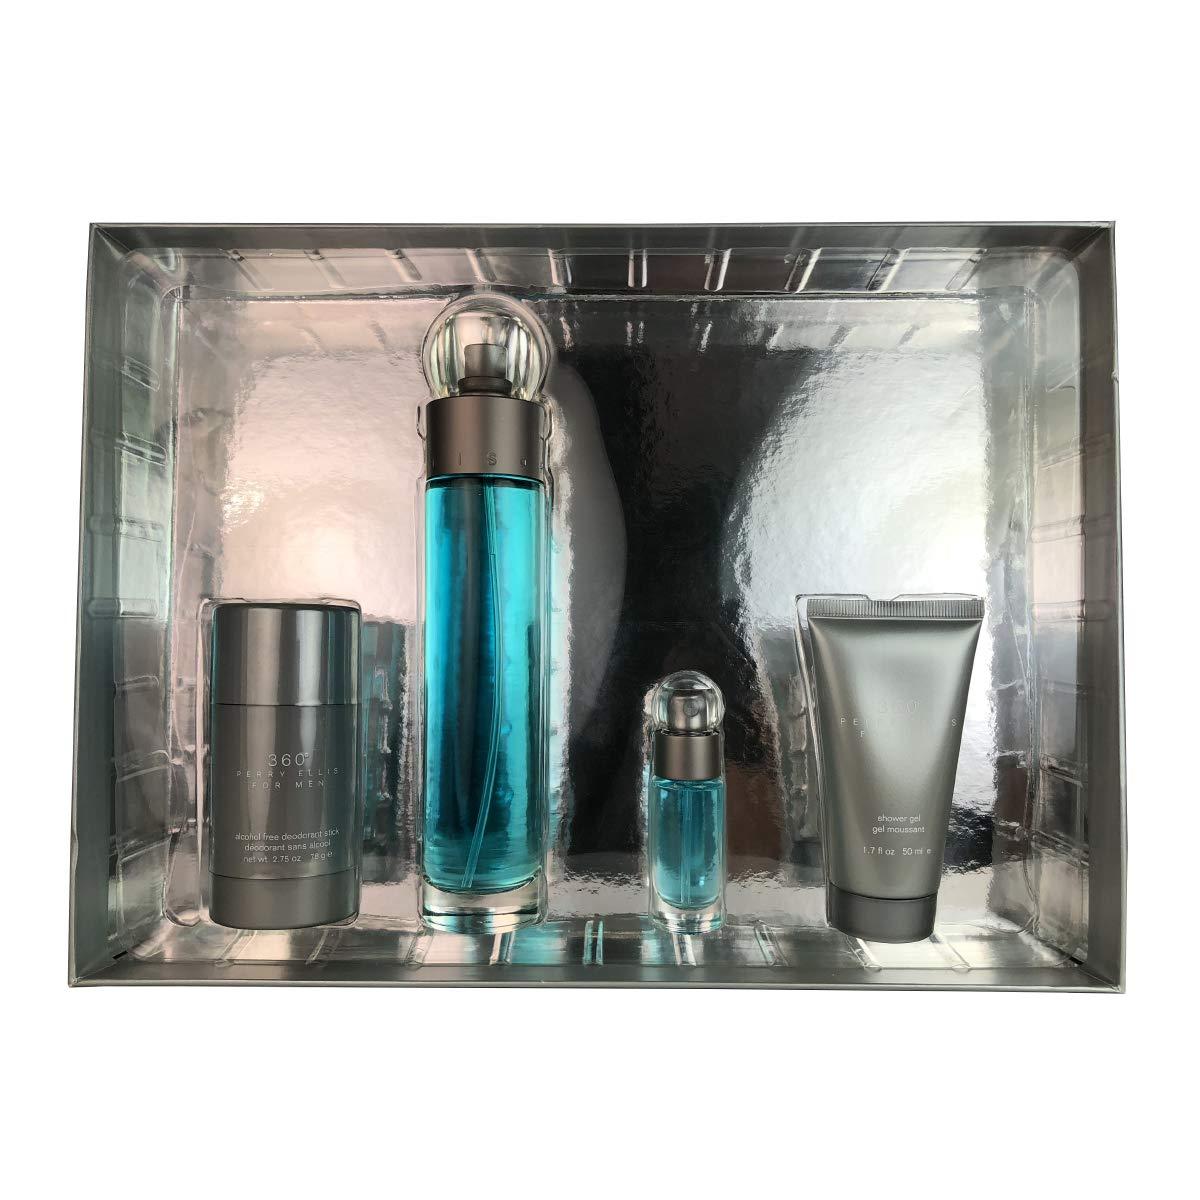 Perry Ellis 360 for Men 4-Piece Set Eau De Toilette Spray, 2.5 lb PE447M